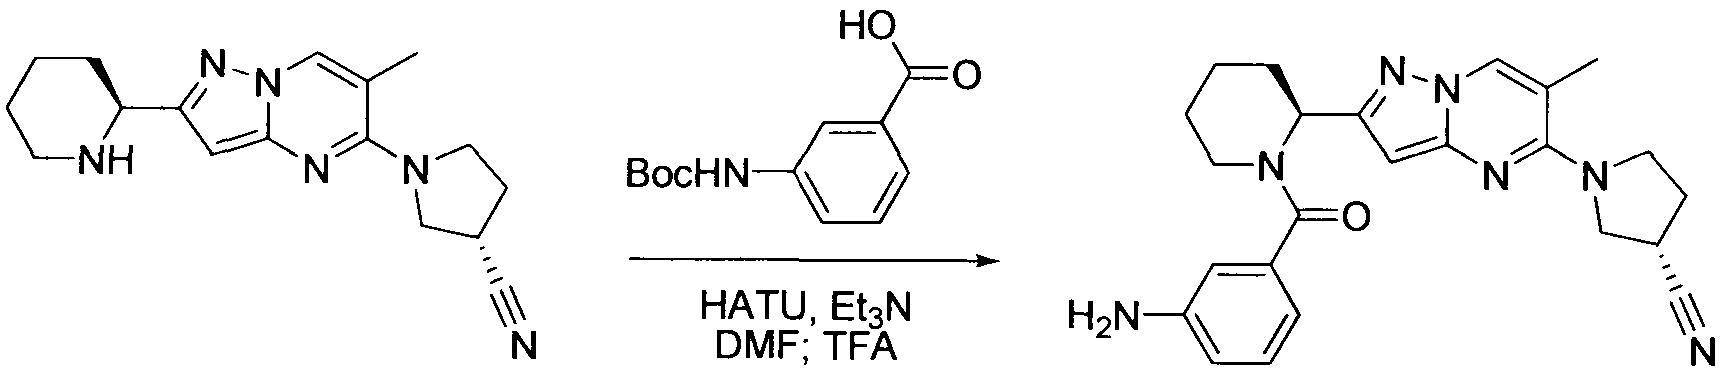 Figure imgf000335_0002